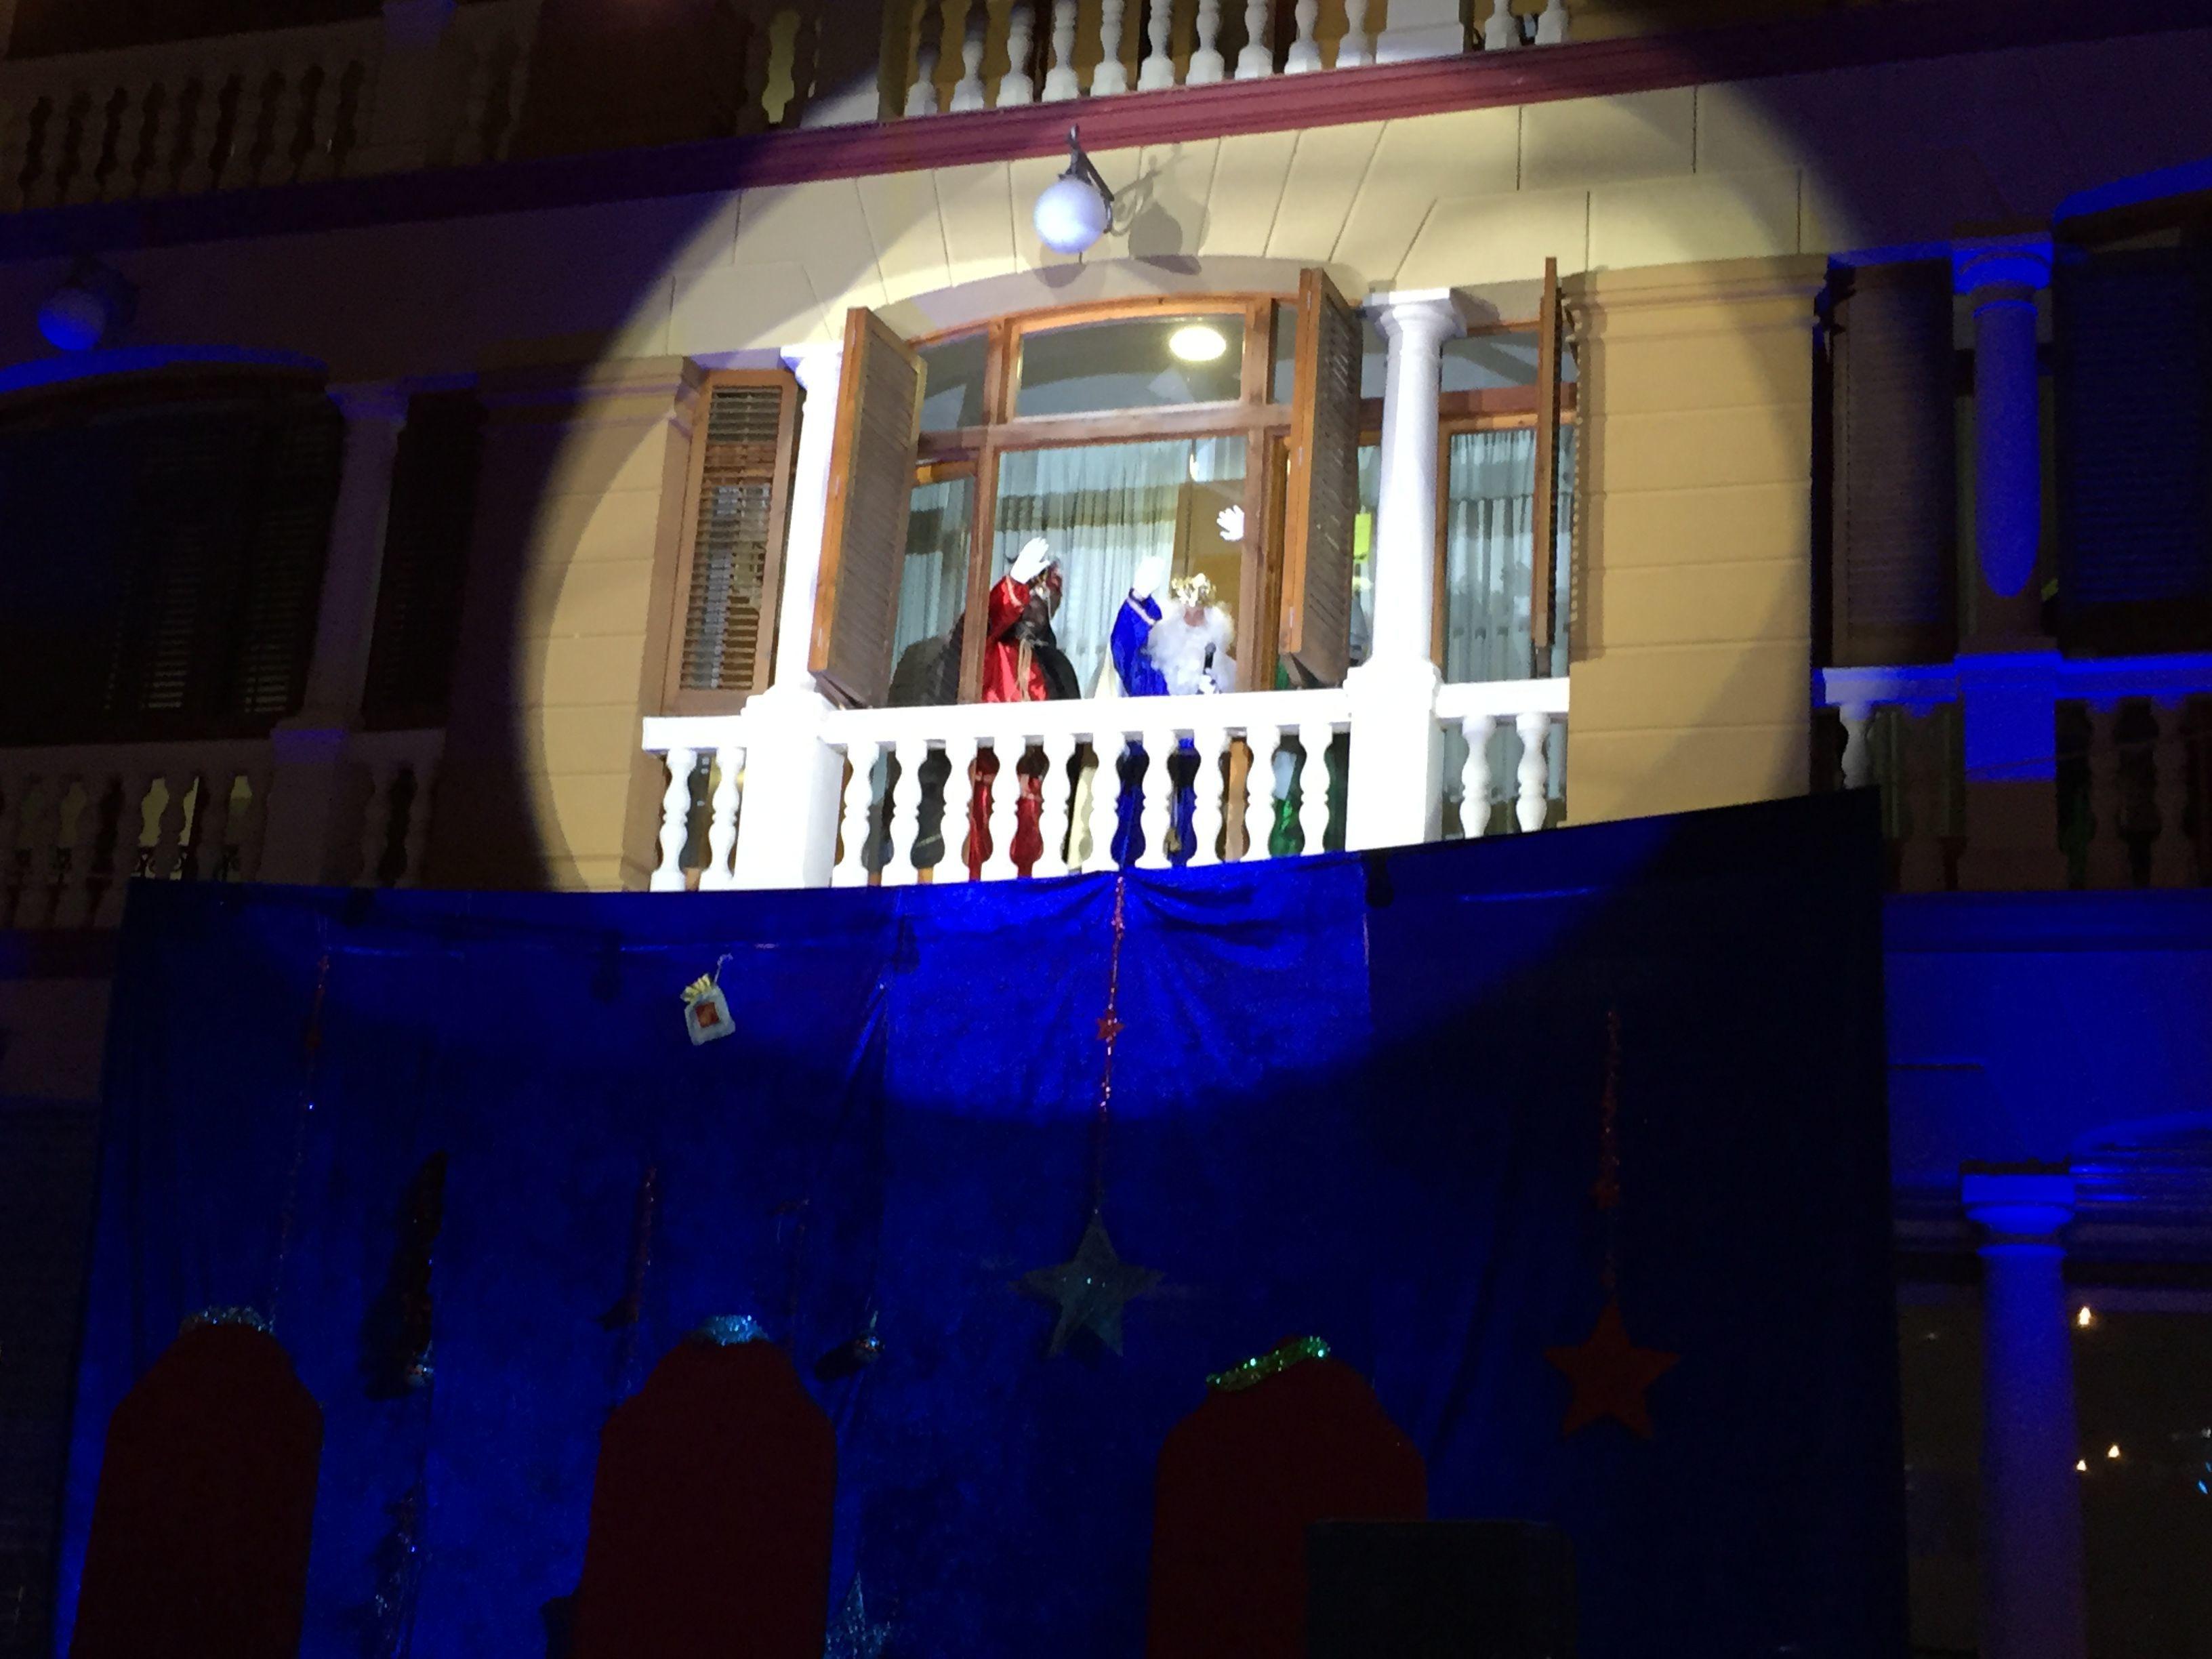 Sonorización y iluminación recepción Reyes Magos de Oriente (La Floresta)